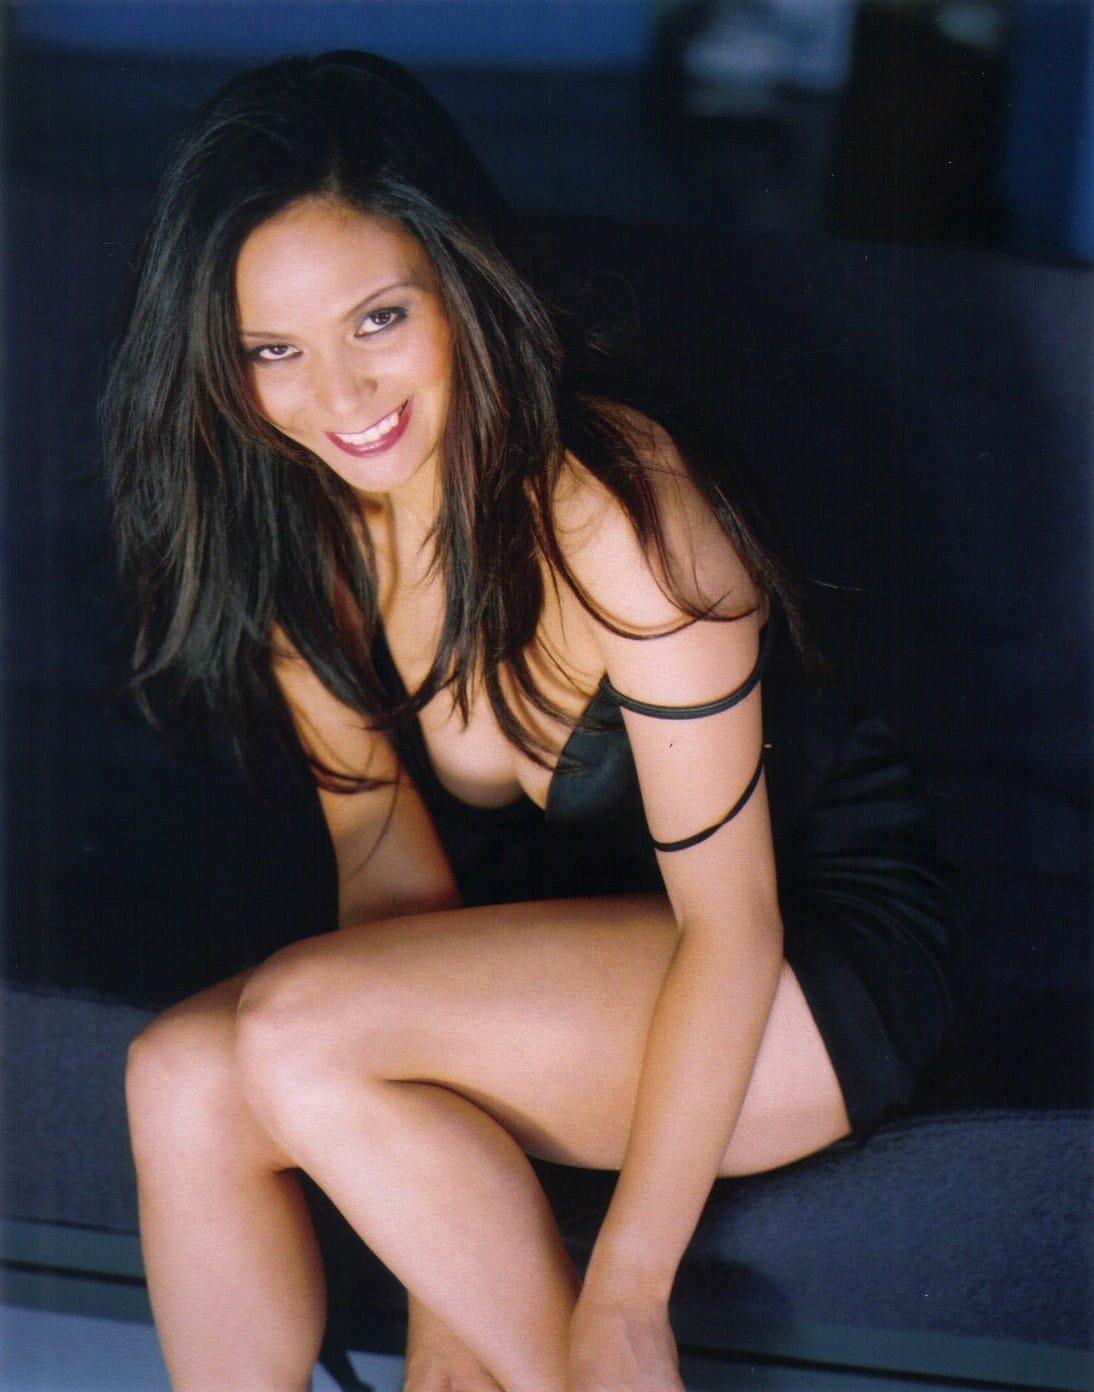 Jane mclean nude erotic videos